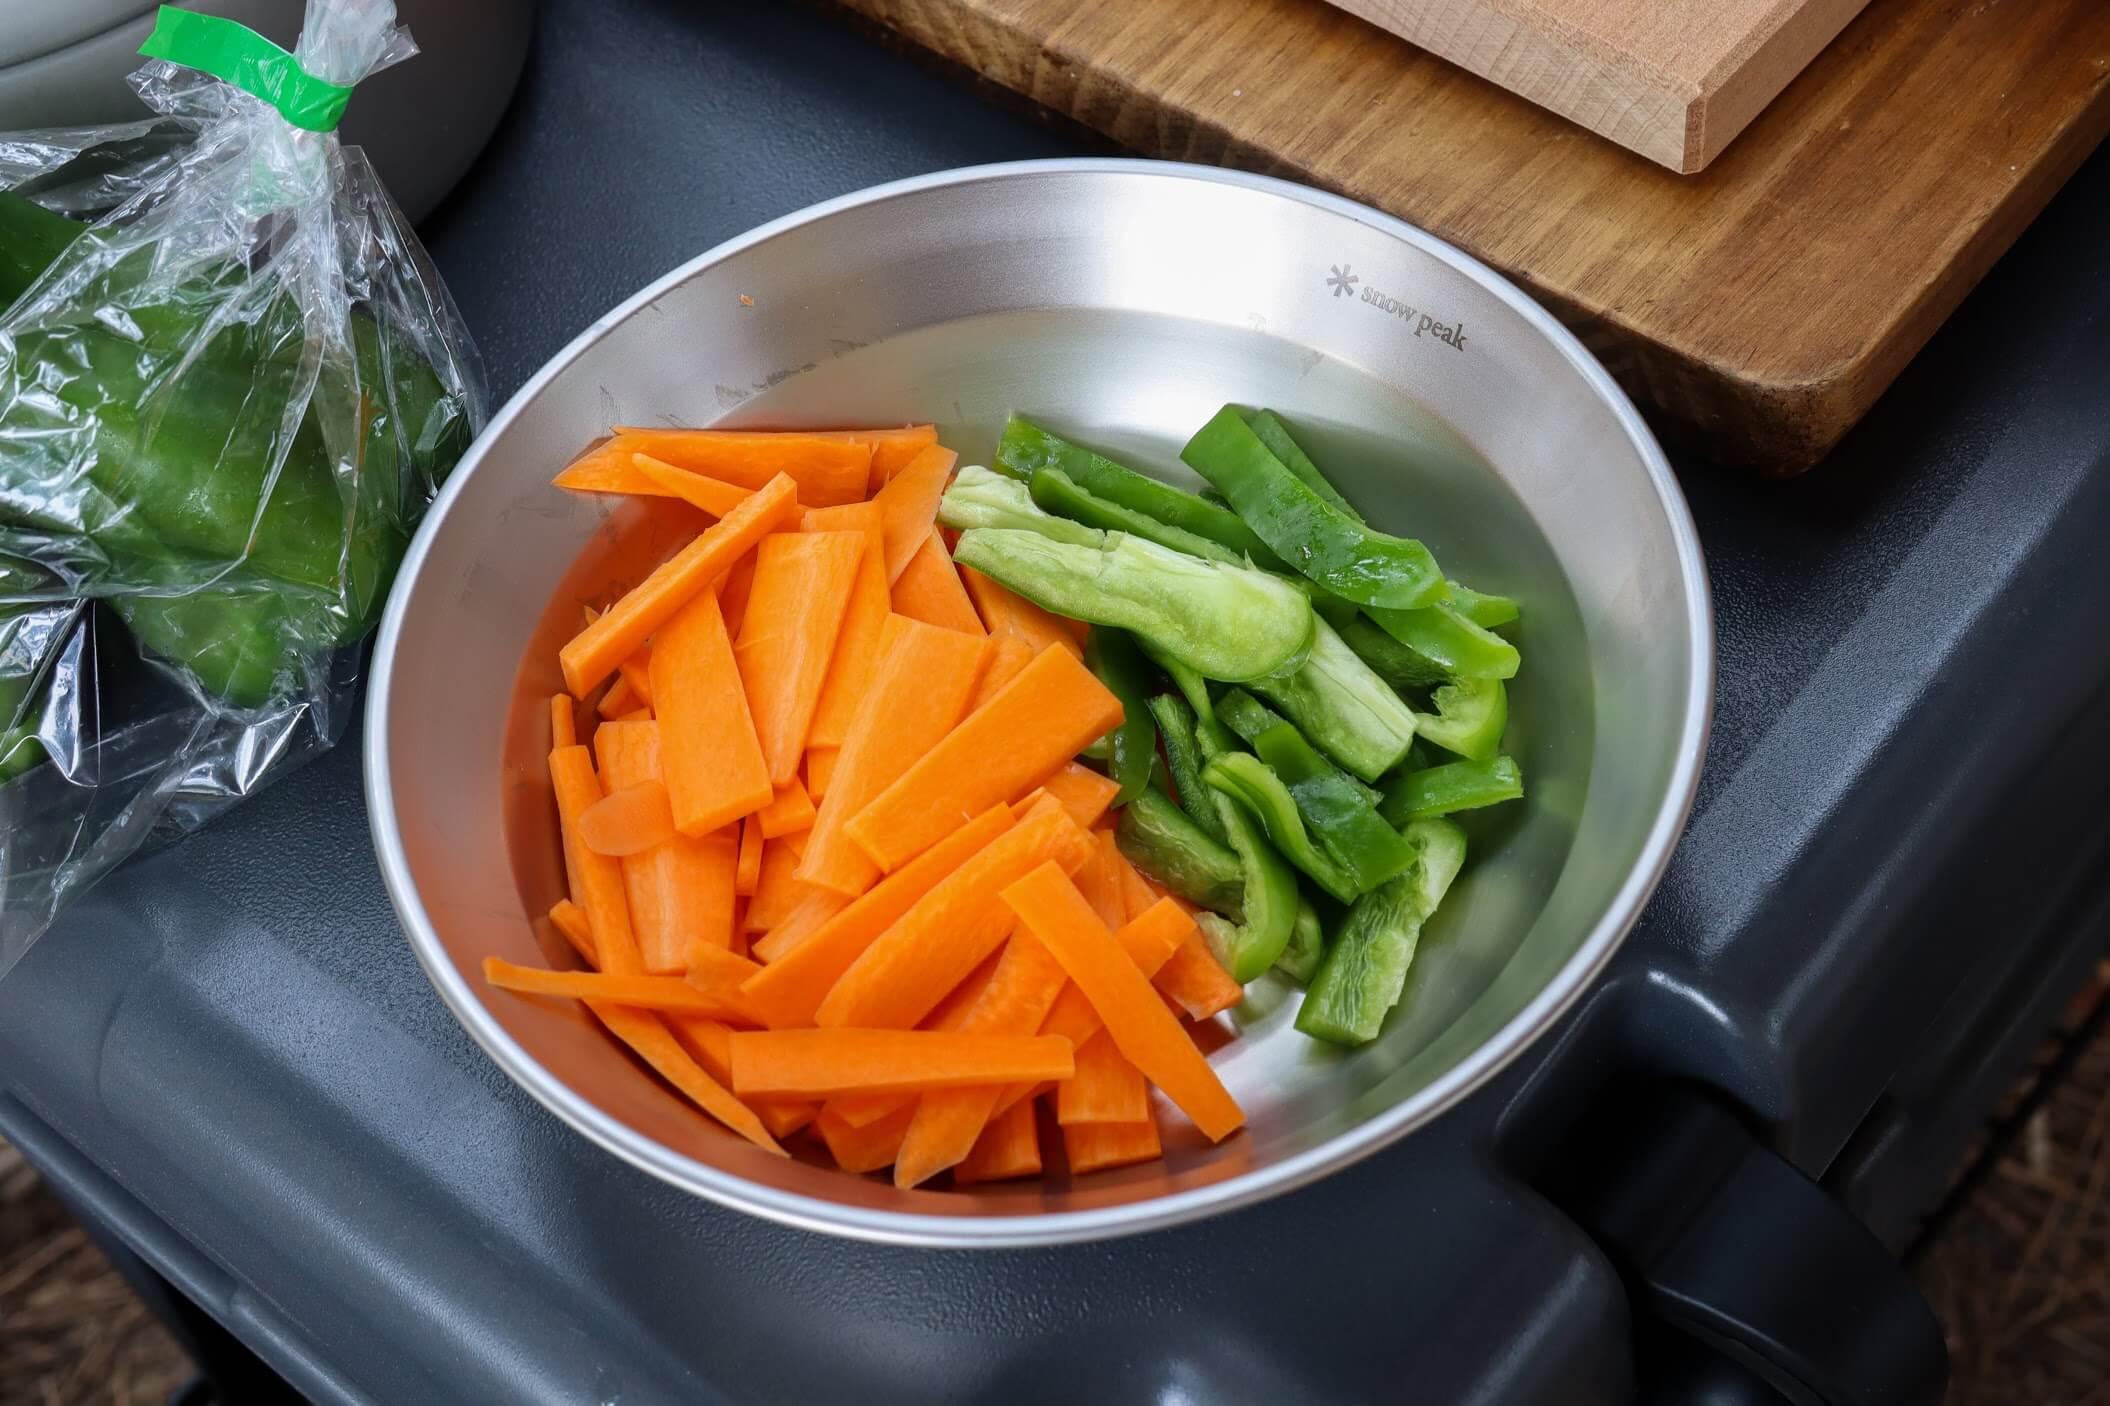 snowpeak マナイタセットL 野菜